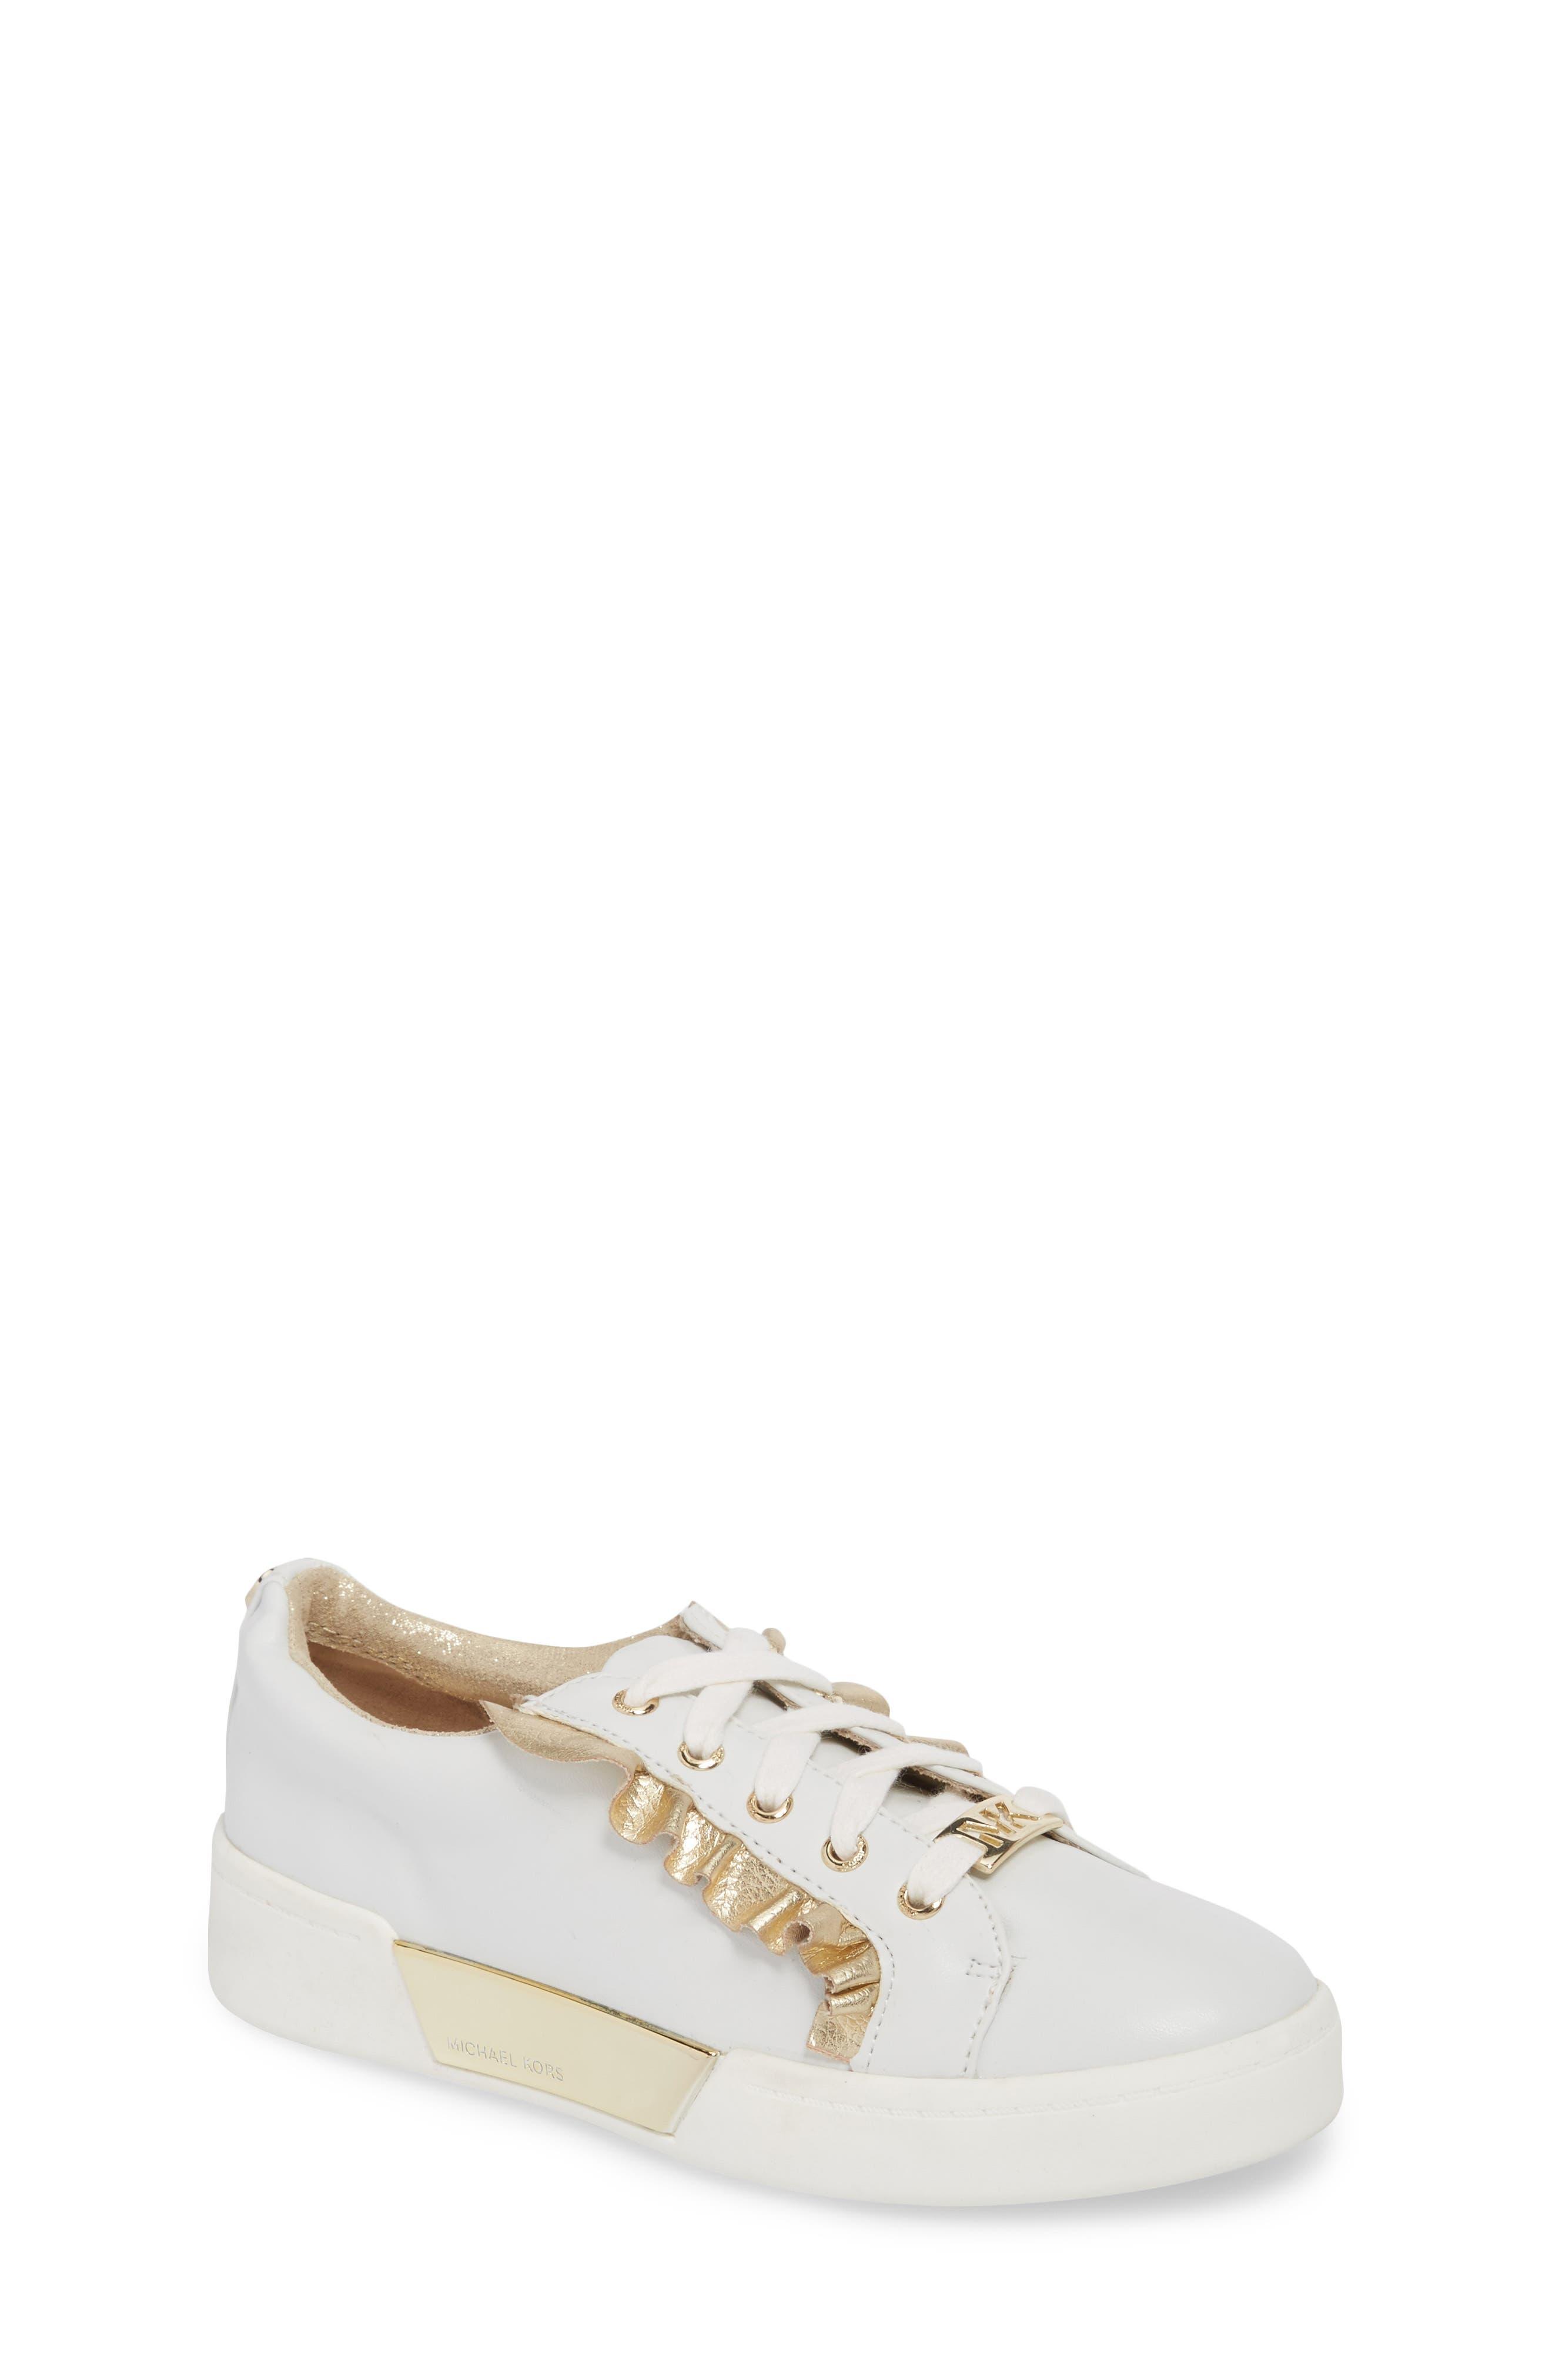 Guard Rail Sneaker,                         Main,                         color, White